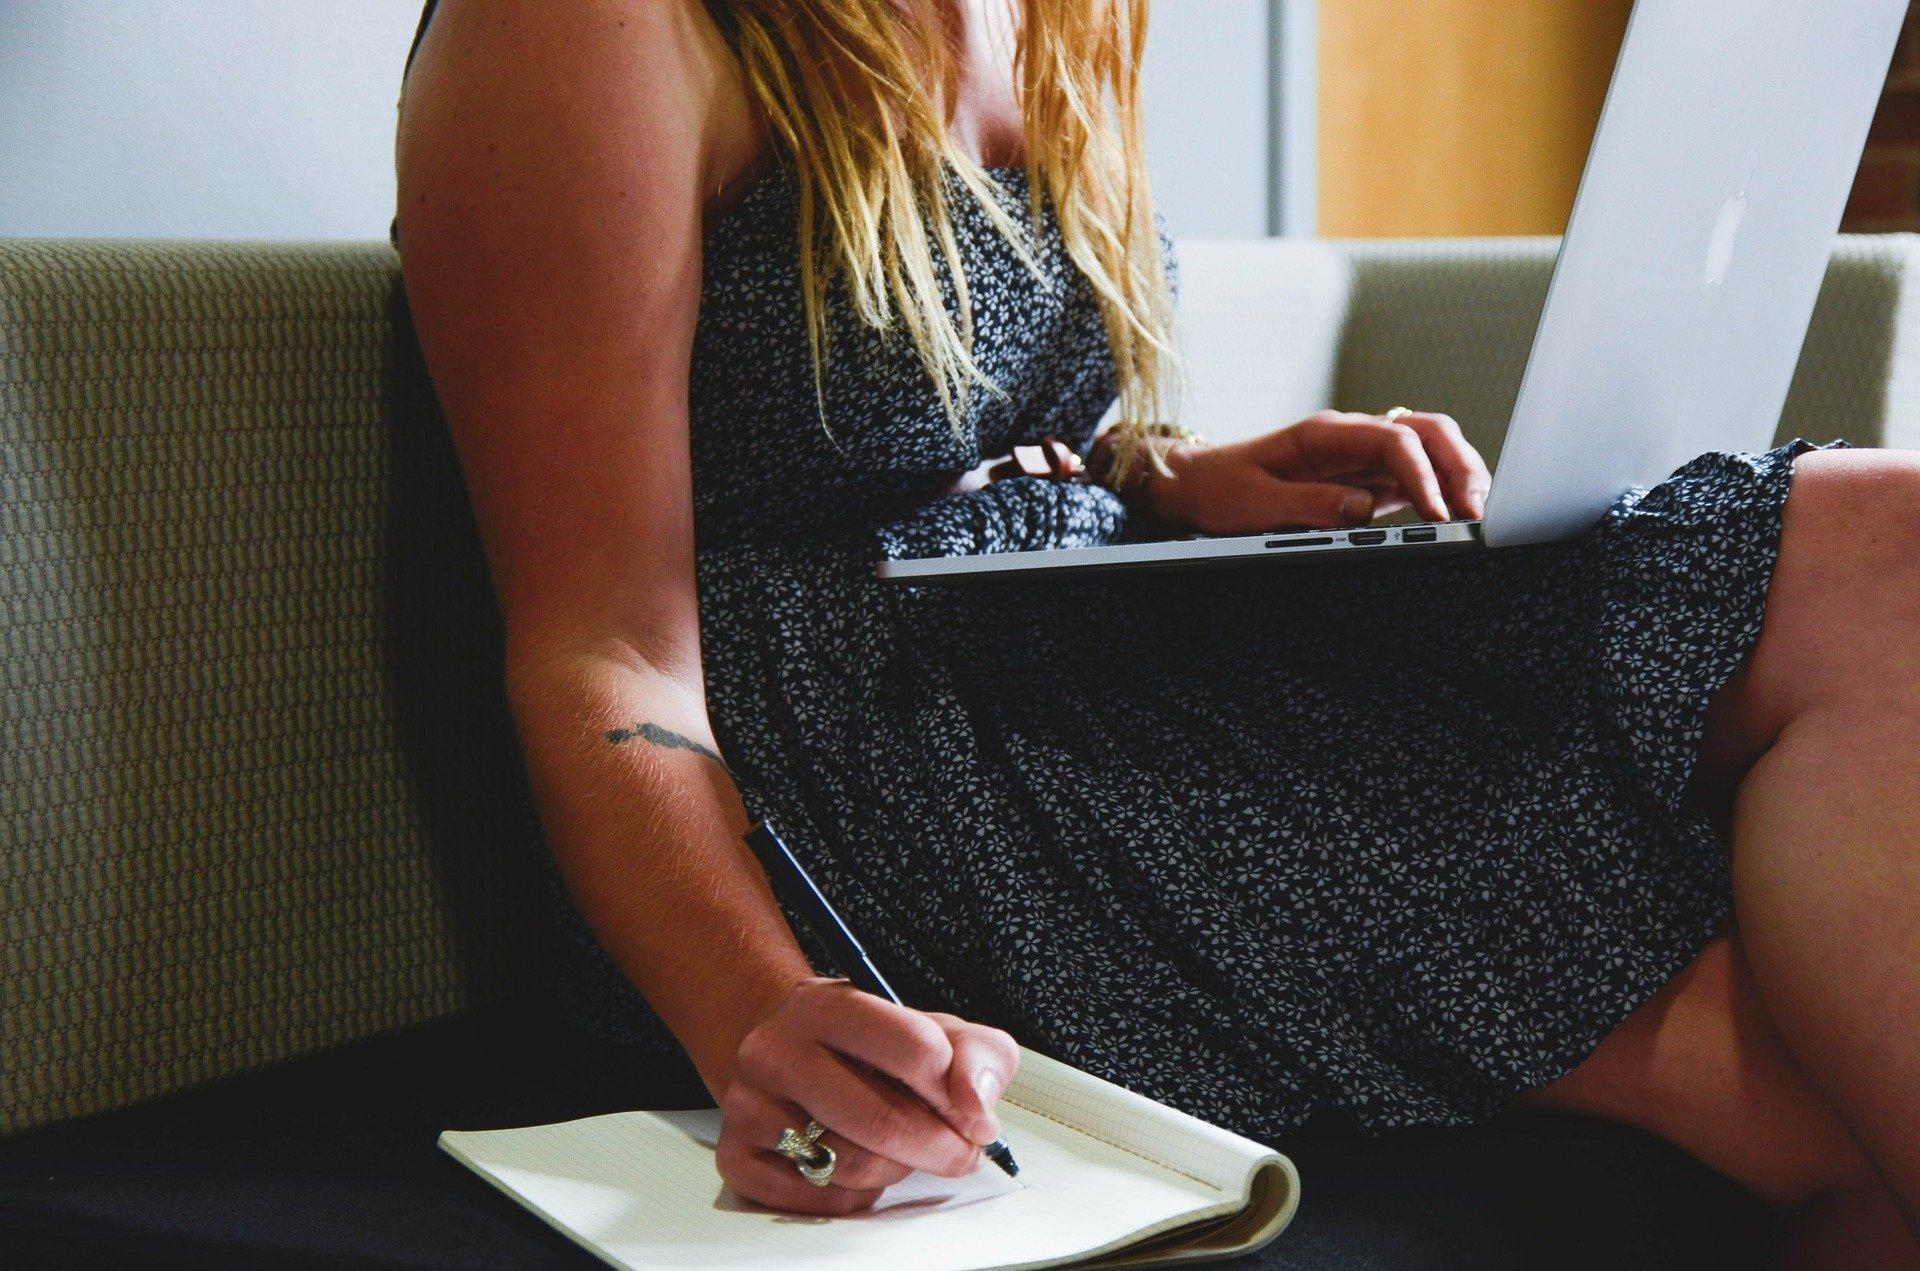 Foto de uma moça de vestido florido, sentada em uma sofá, segurando um notebook cinza enquanto usa a mão direita para escrever em um caderno com uma caneta preta.